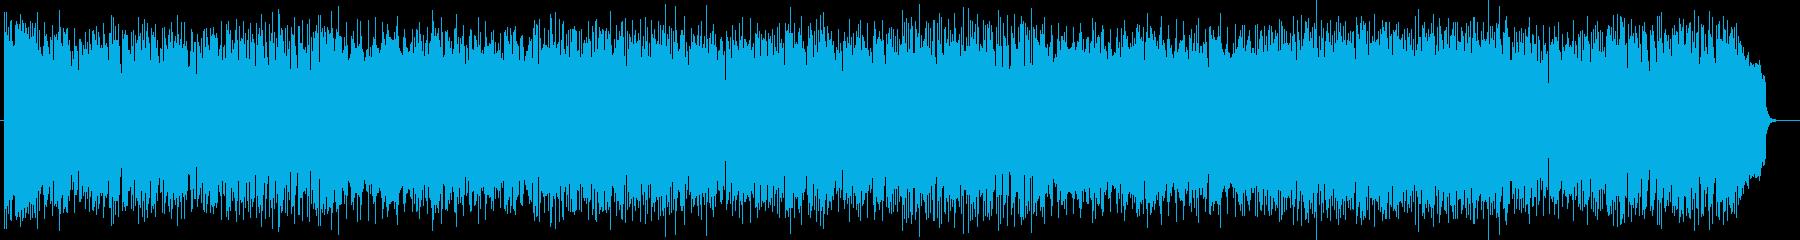 未来的なシンセサイザーのテクノポップの再生済みの波形